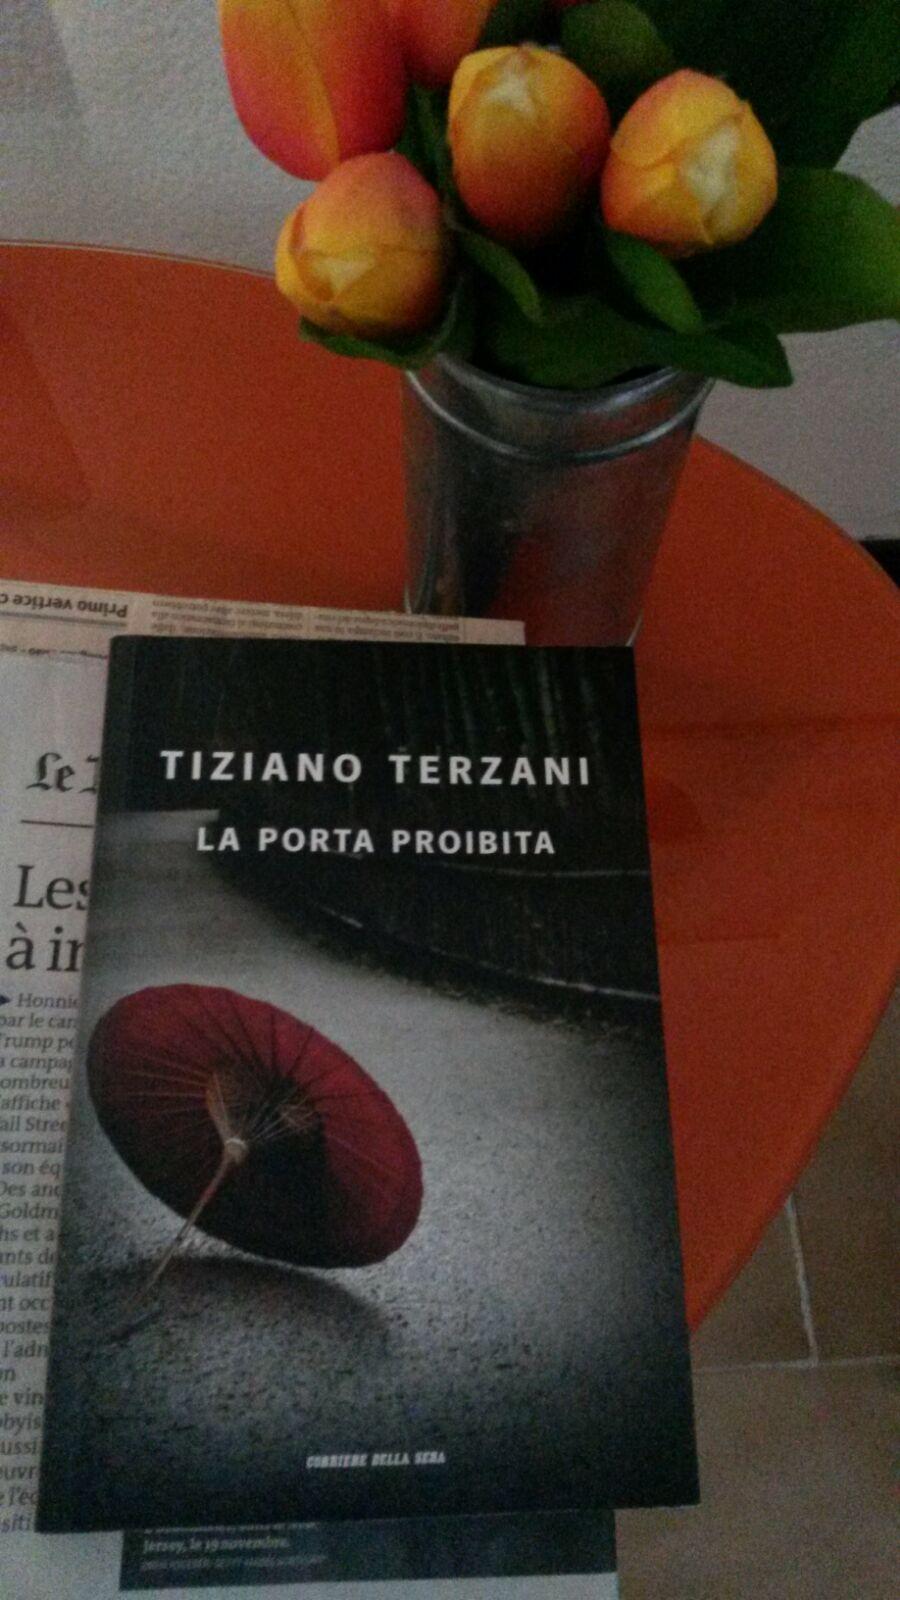 andrea lisi copywriter e blogger recensisce Tiziano Terzani